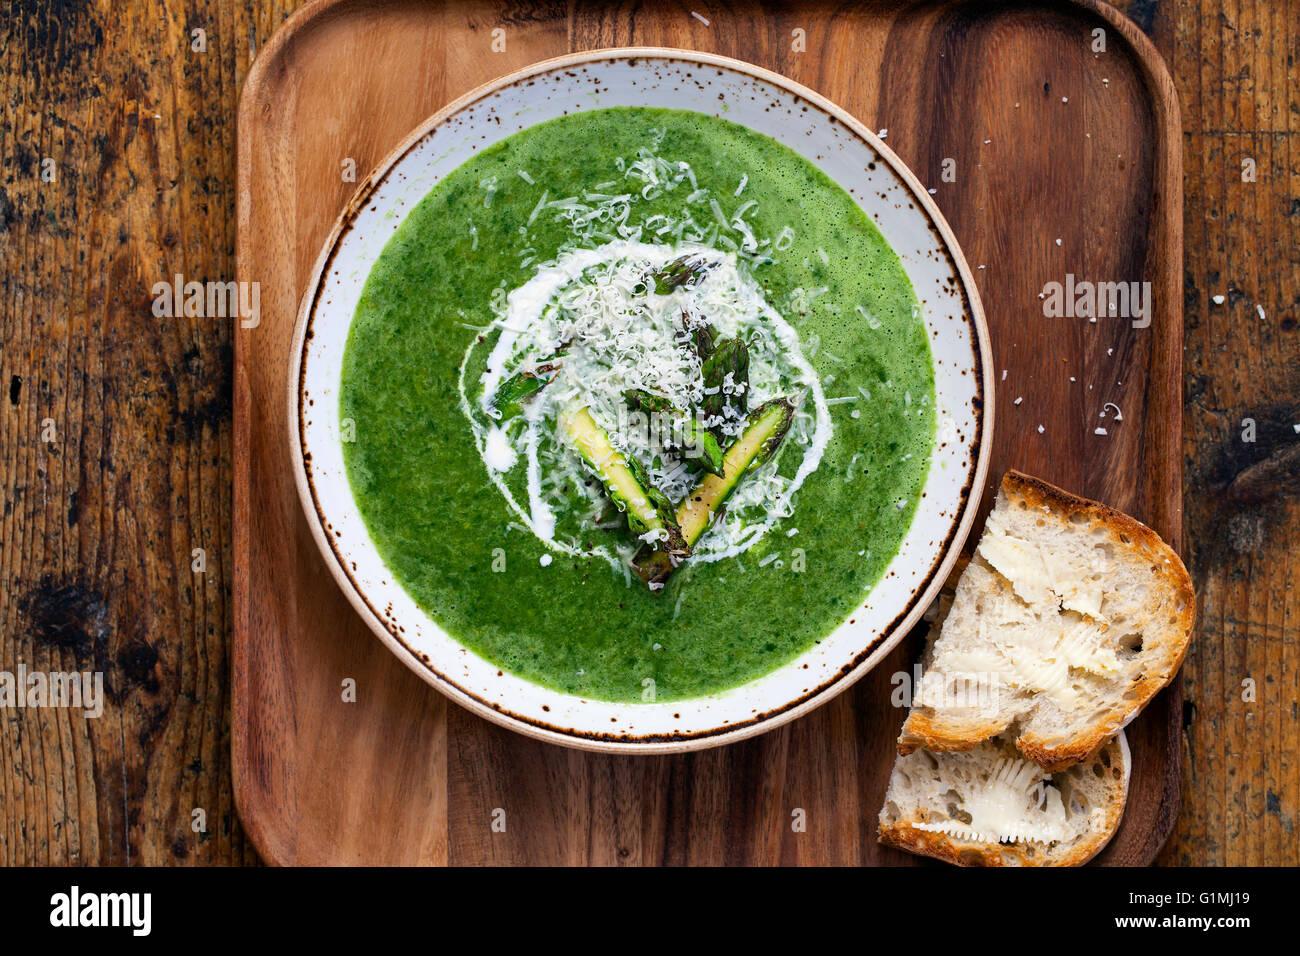 Soupe d'épinards et asperges Photo Stock